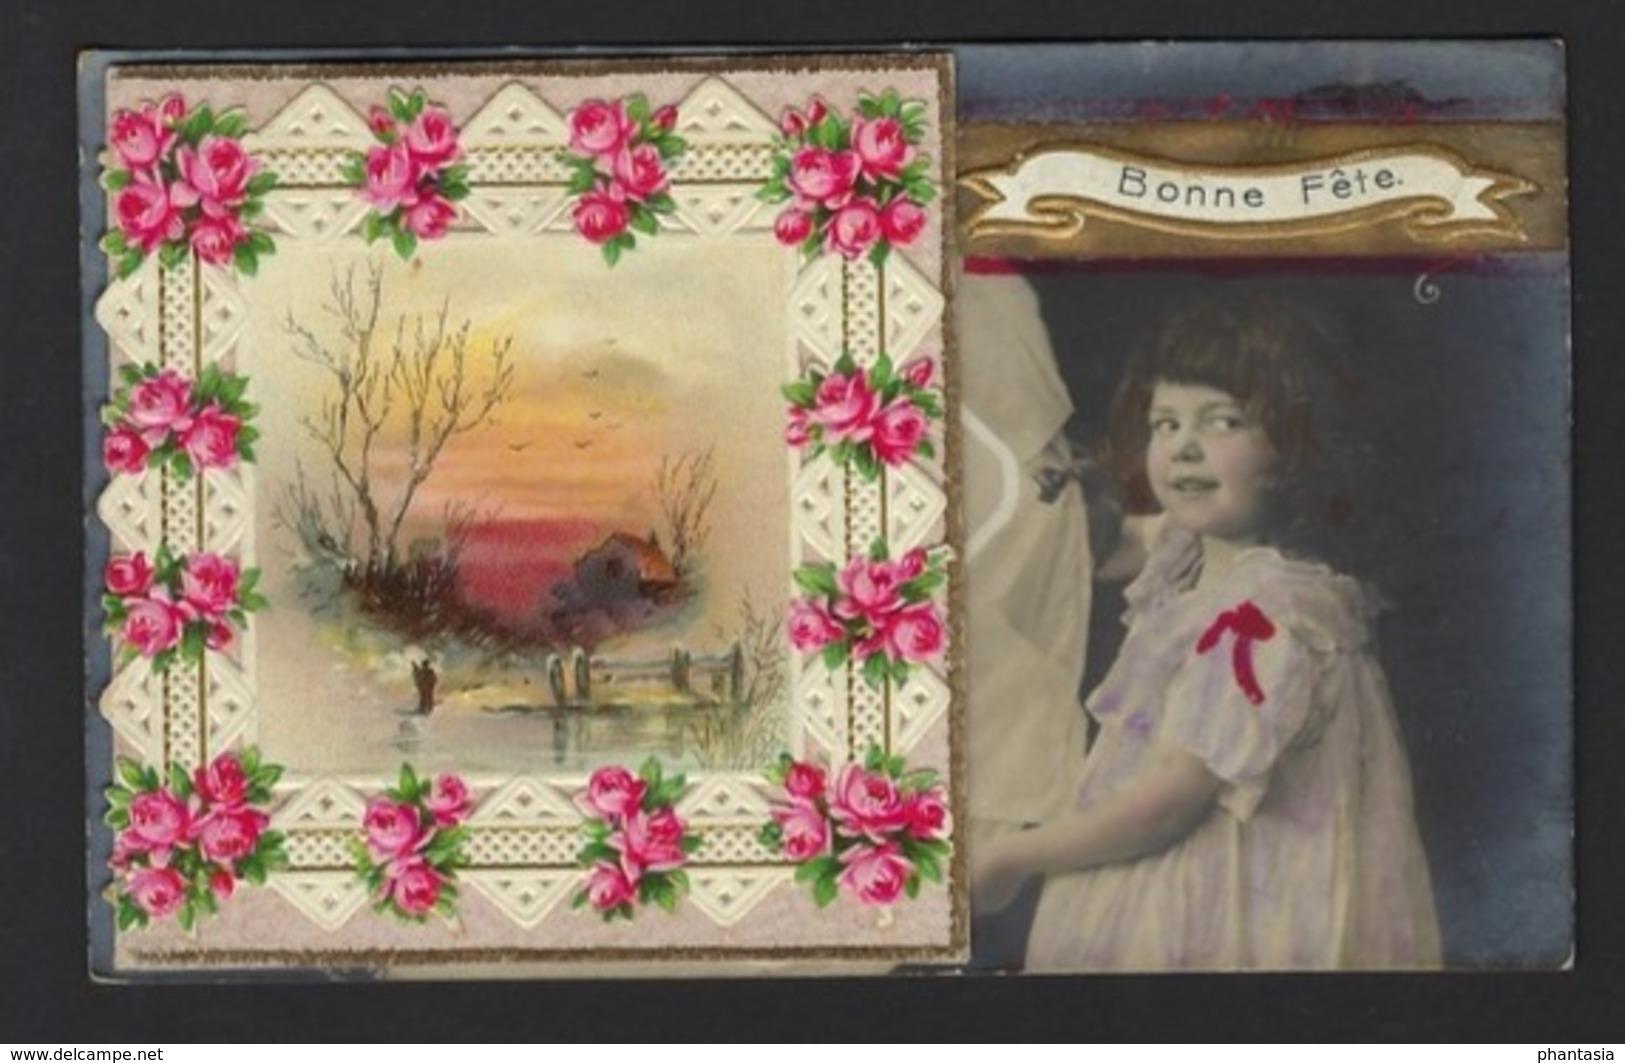 Petite Fille Fleurs - Carte Ouvre Pour Noter - Carte Photo - Little Girl - Flowers - Card Open For Notes - Bonne Fête - Portraits